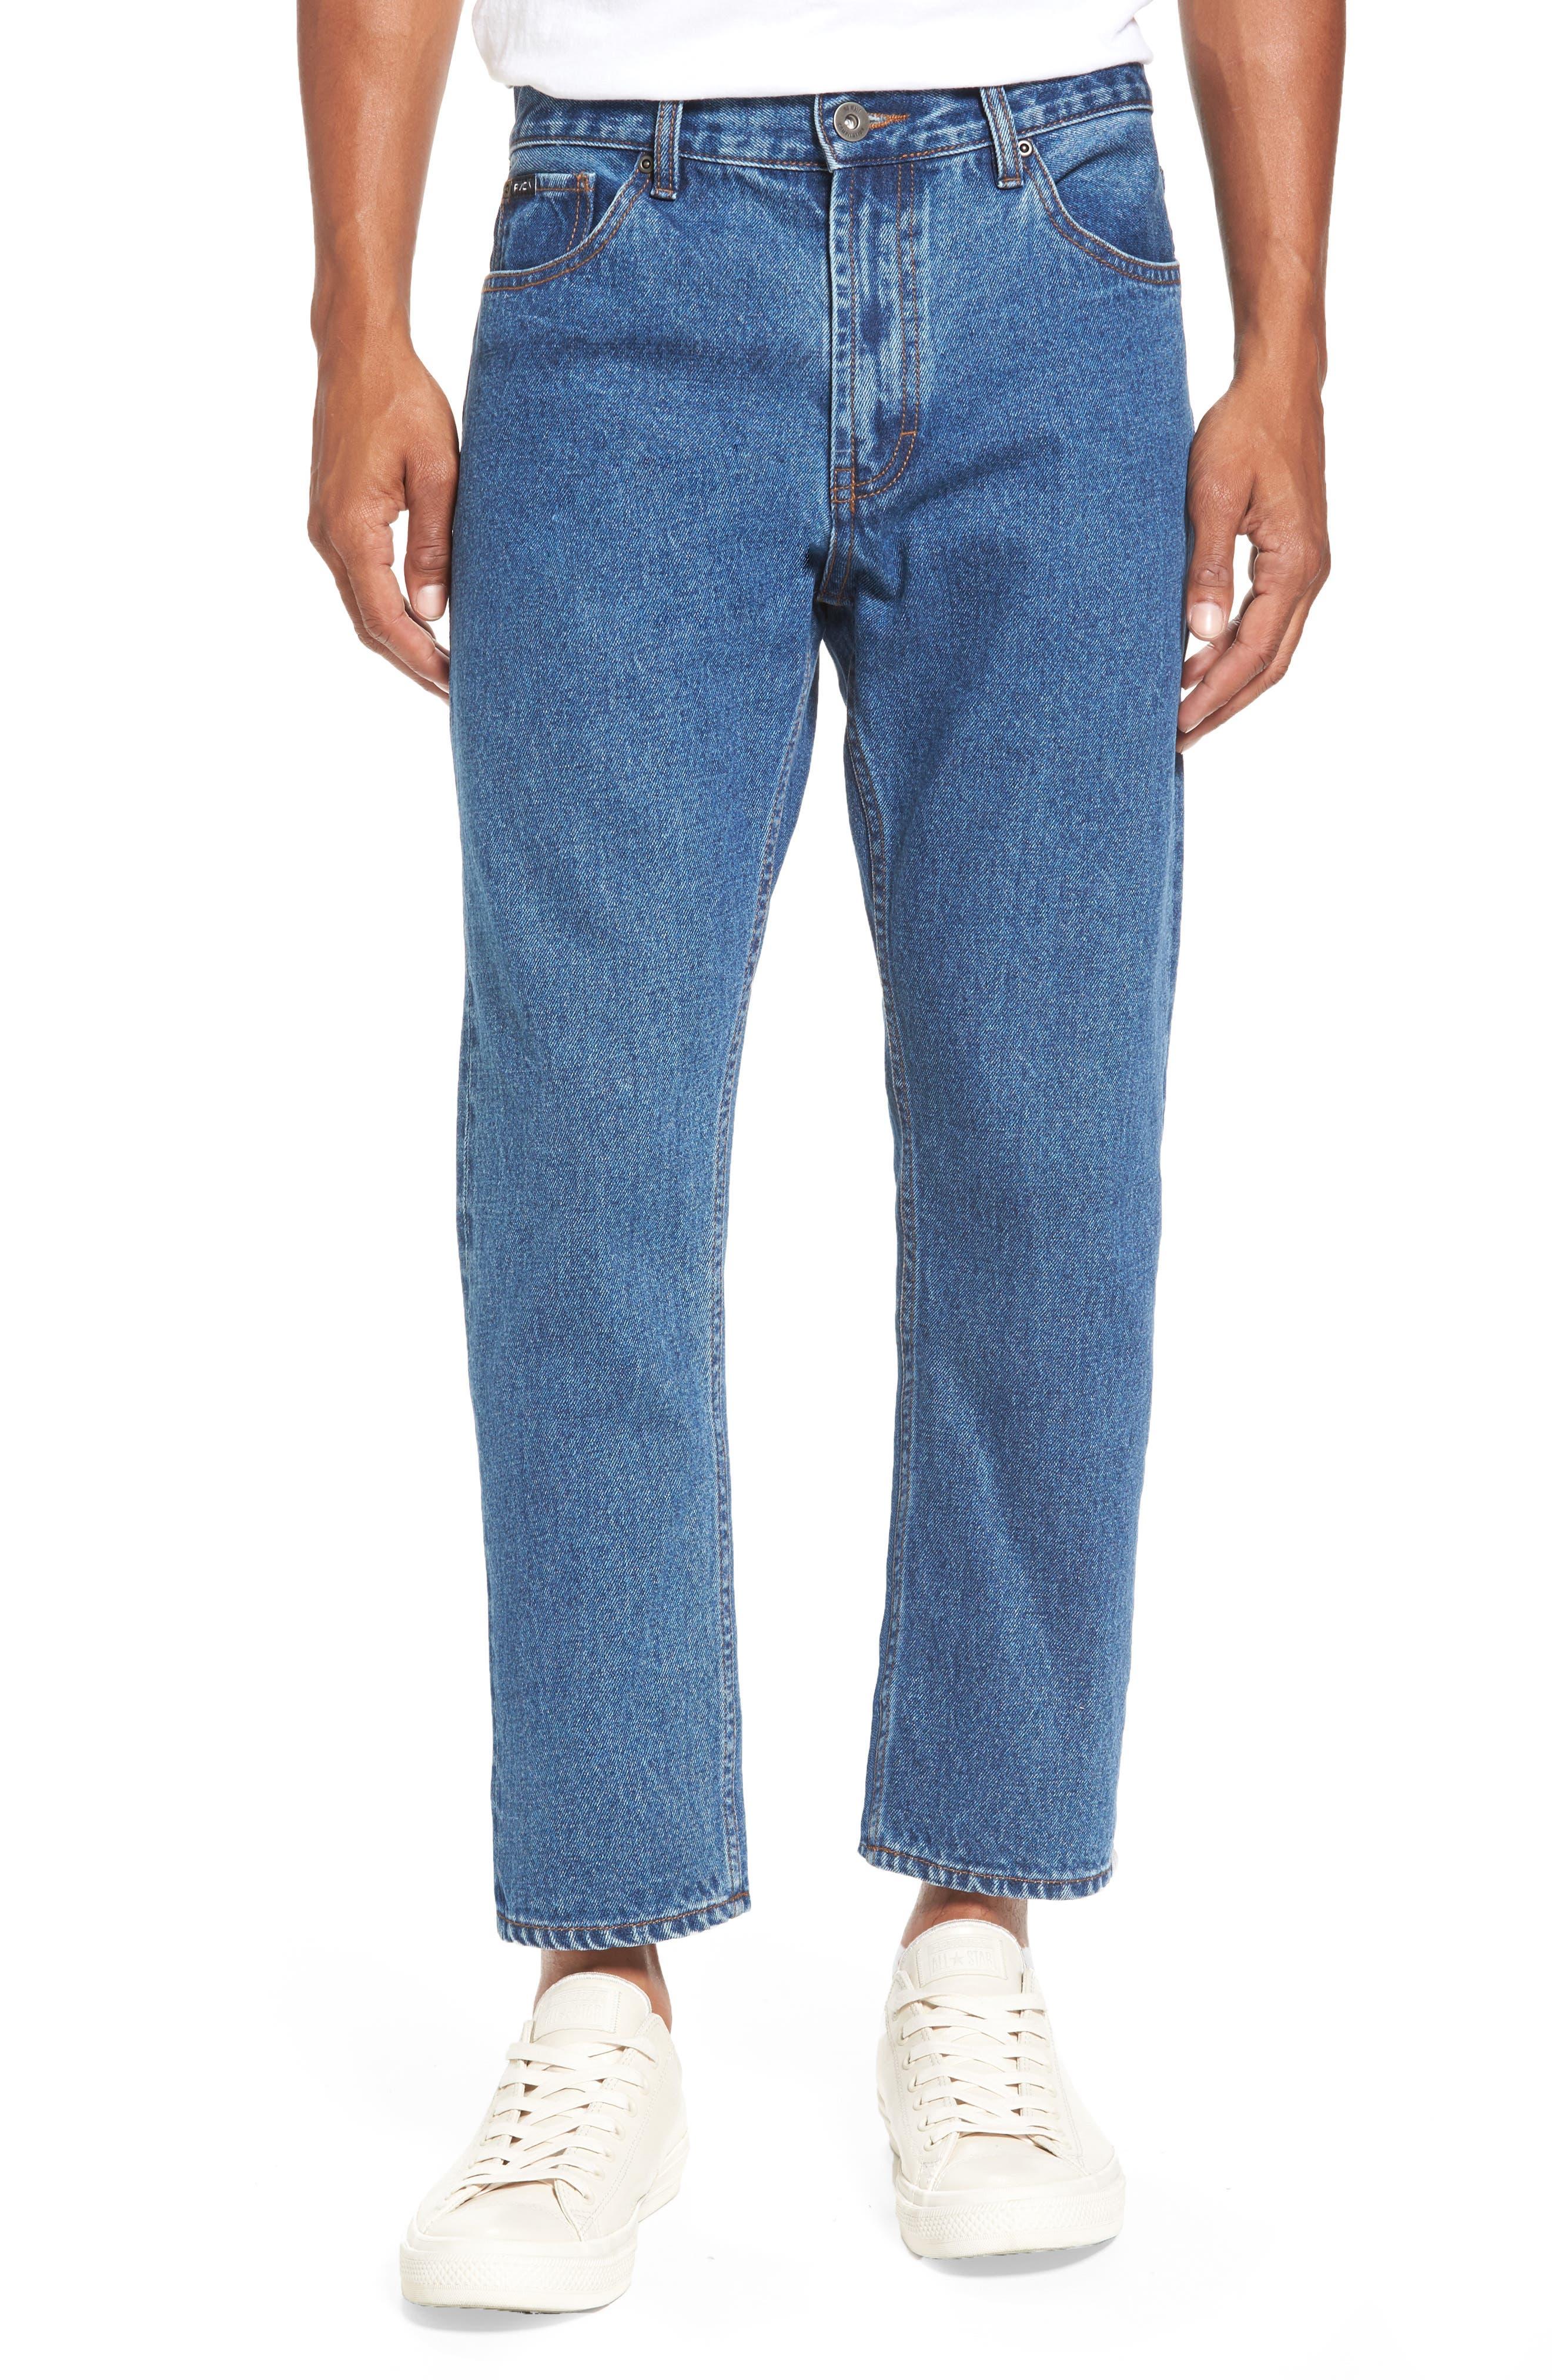 RVCA No Wave Flood Crop Jeans (Vintage Indigo)